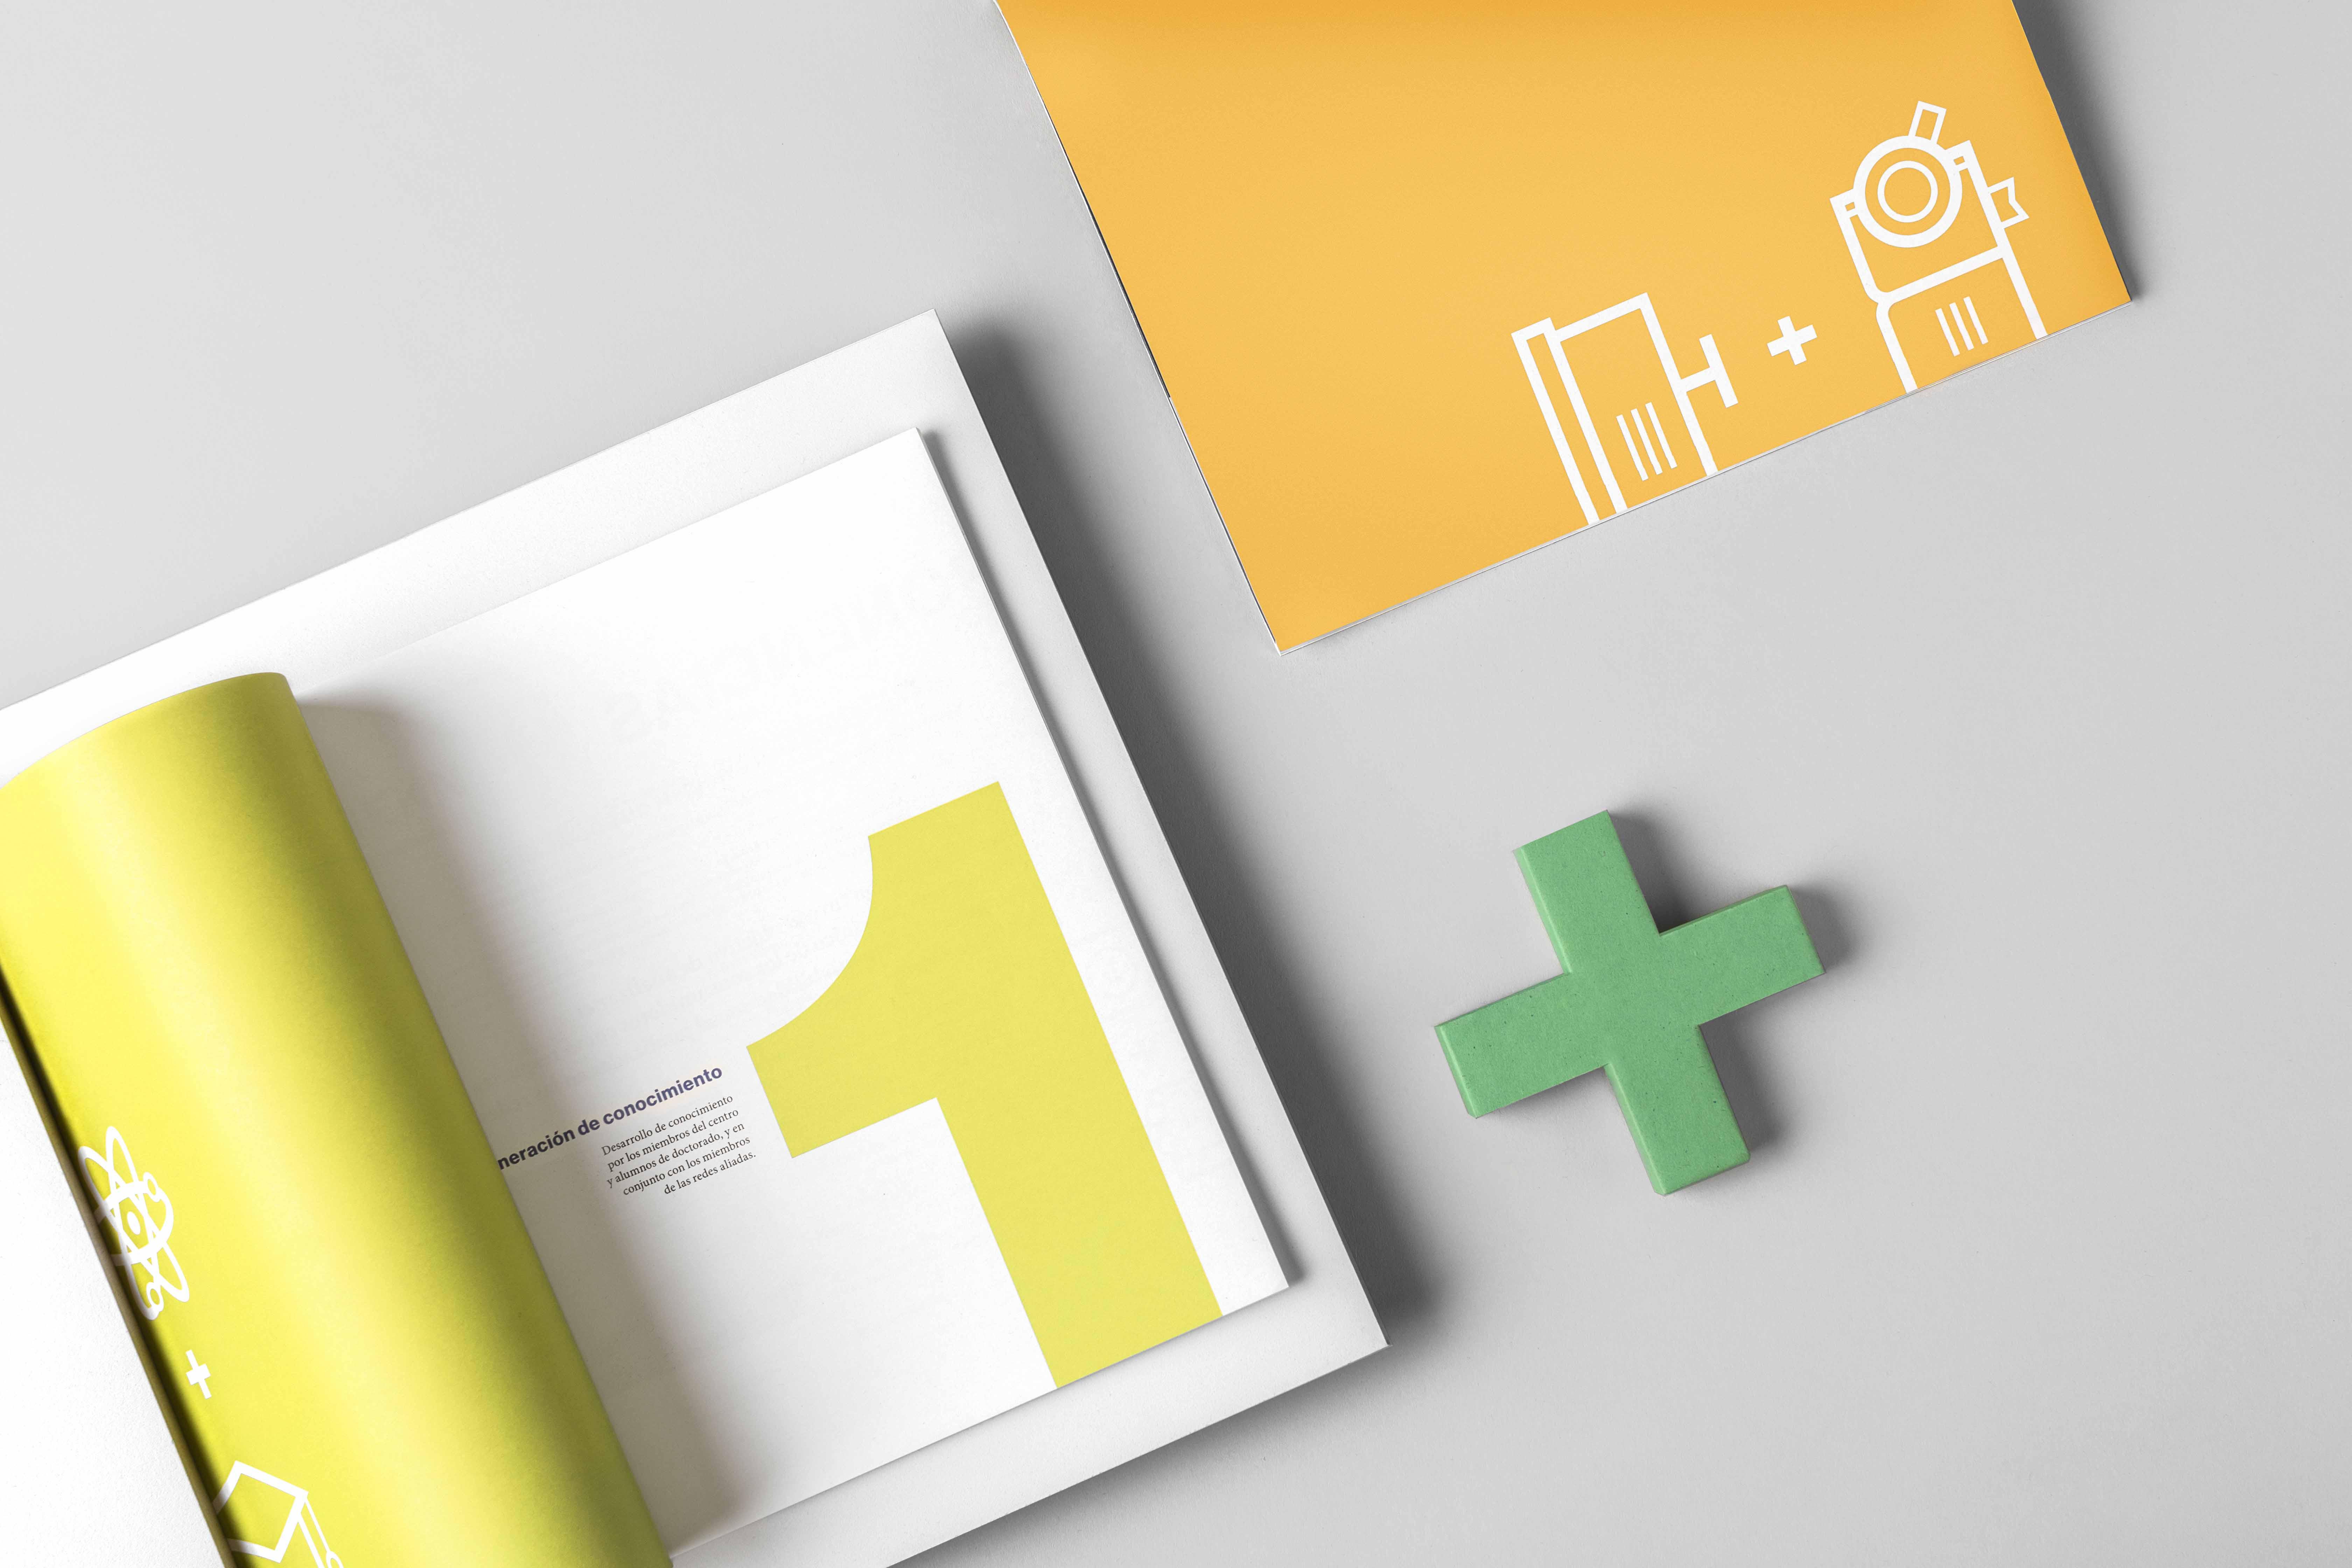 EGADE商学院年报画册设计